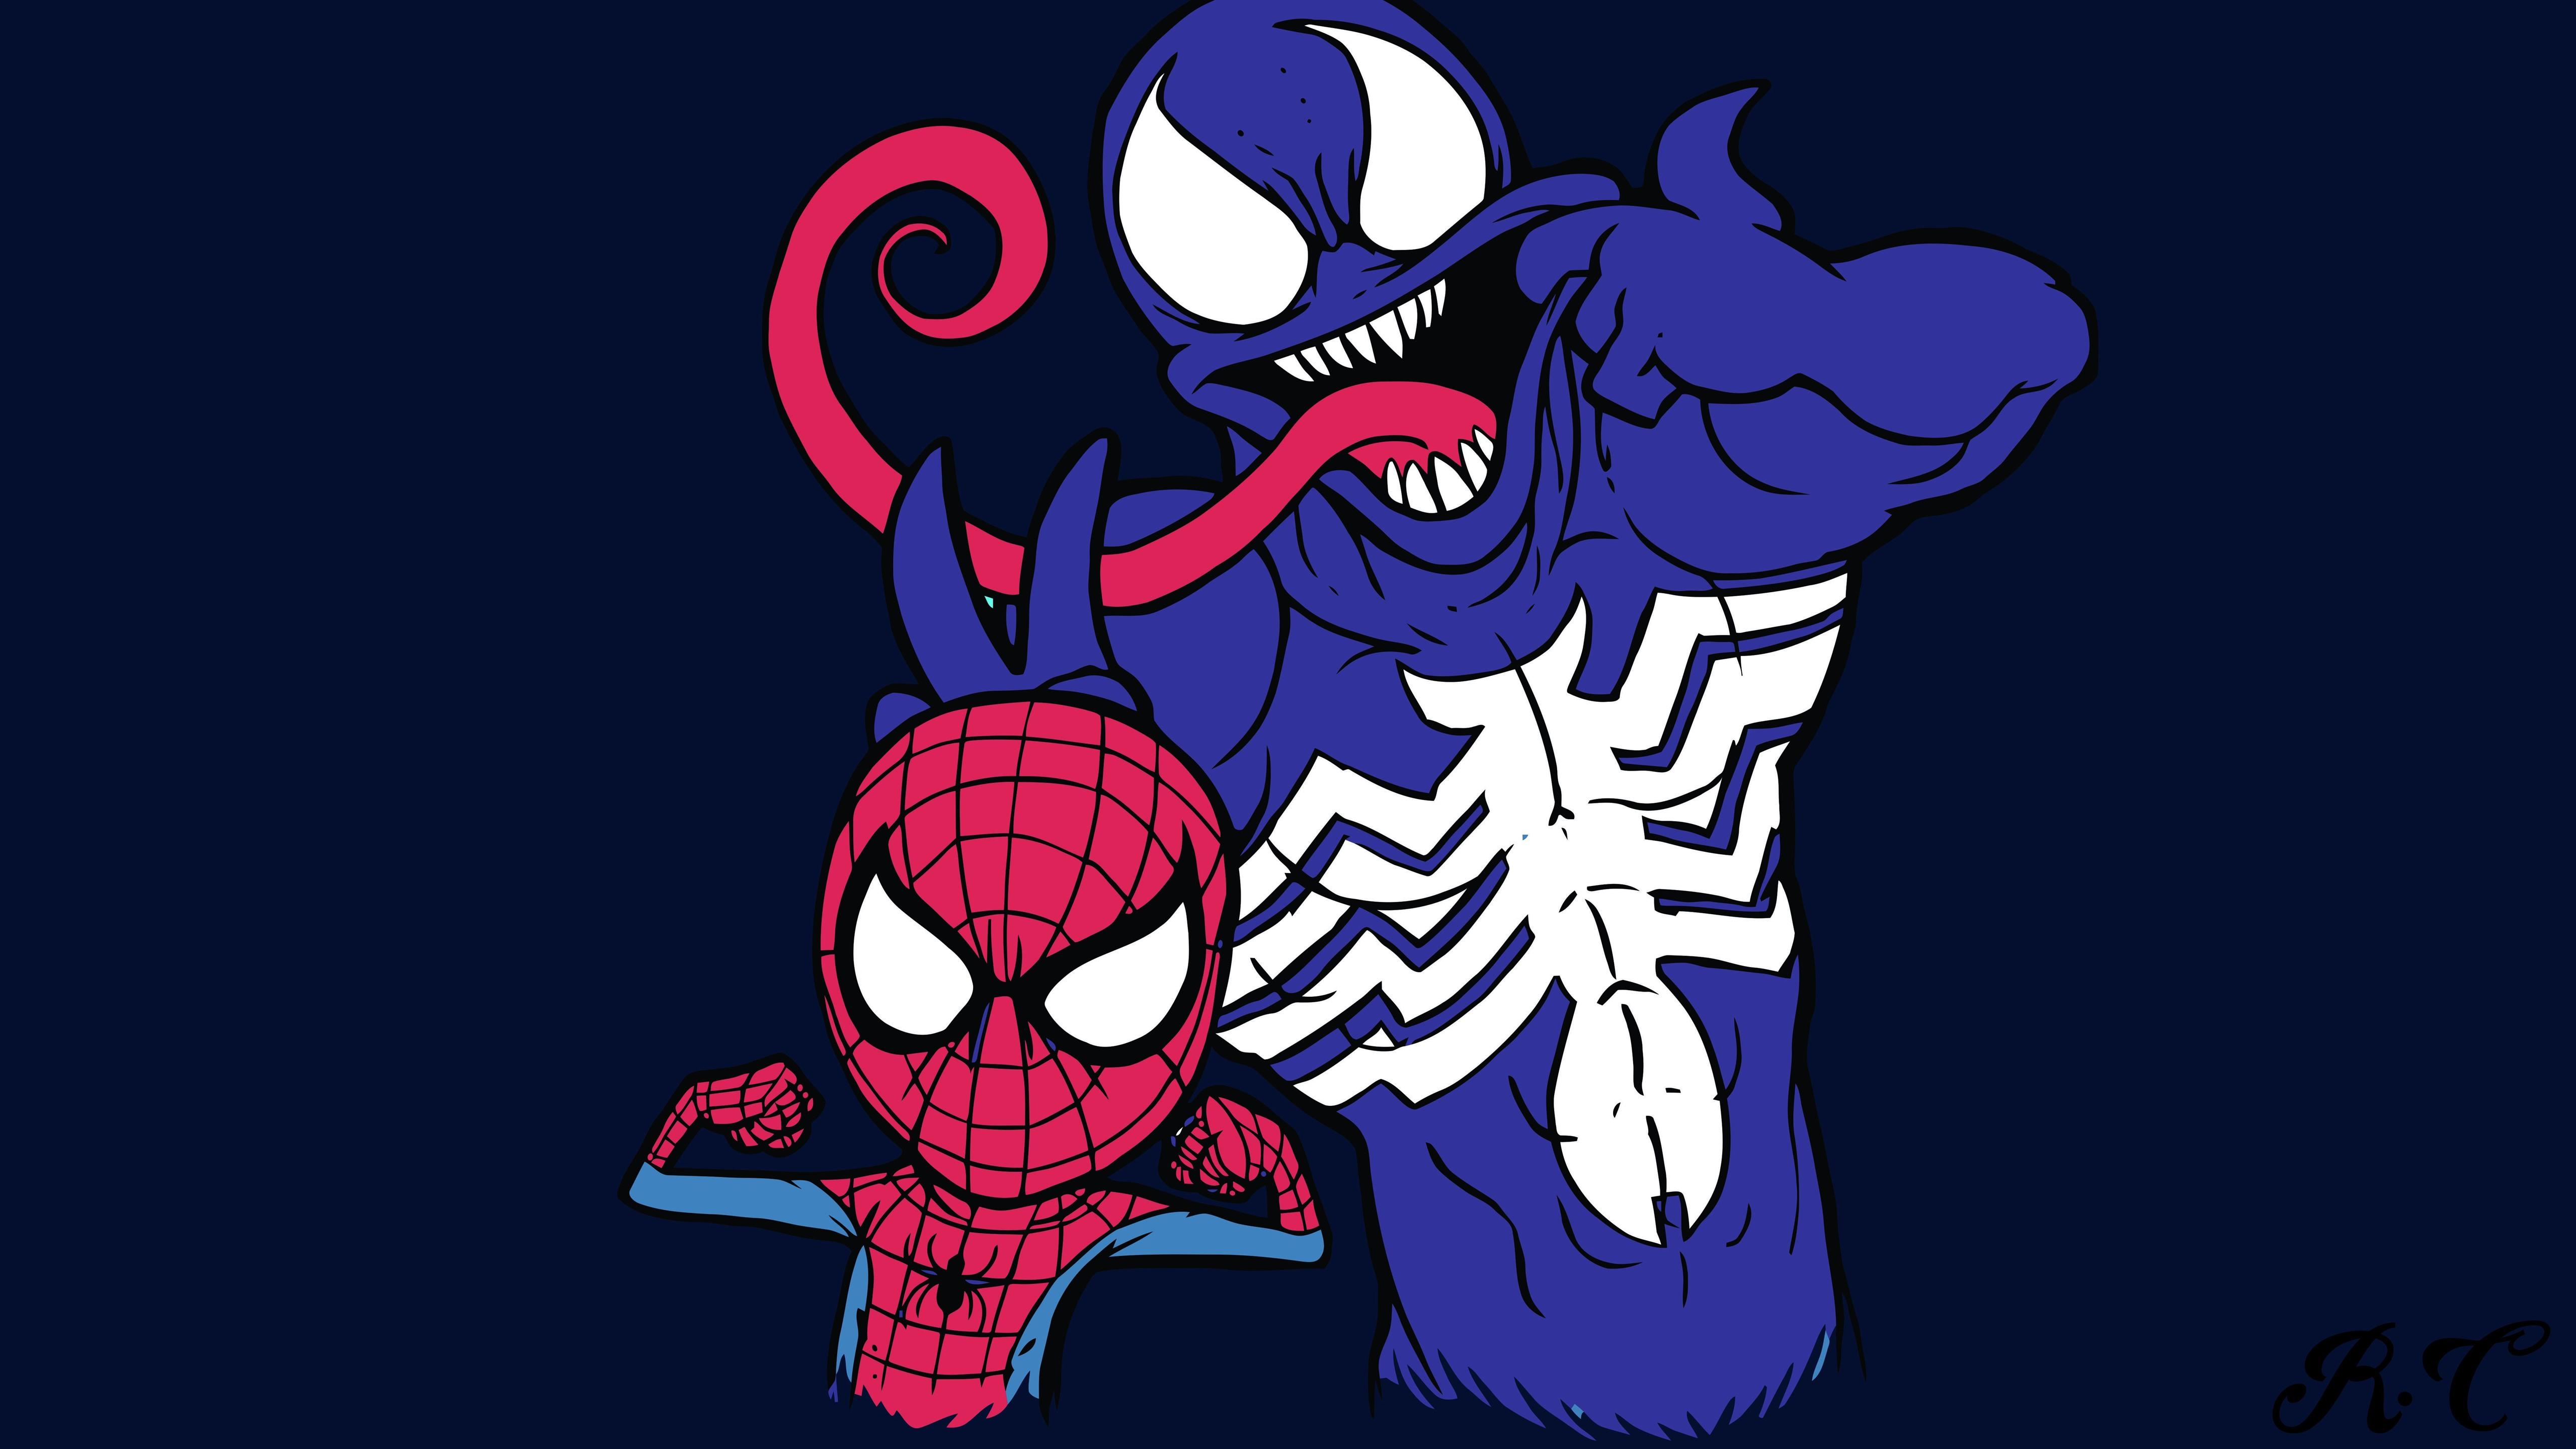 スパイダーマンとヴェノム Dcコミック 1242x2688 Iphone 11 Pro Xs